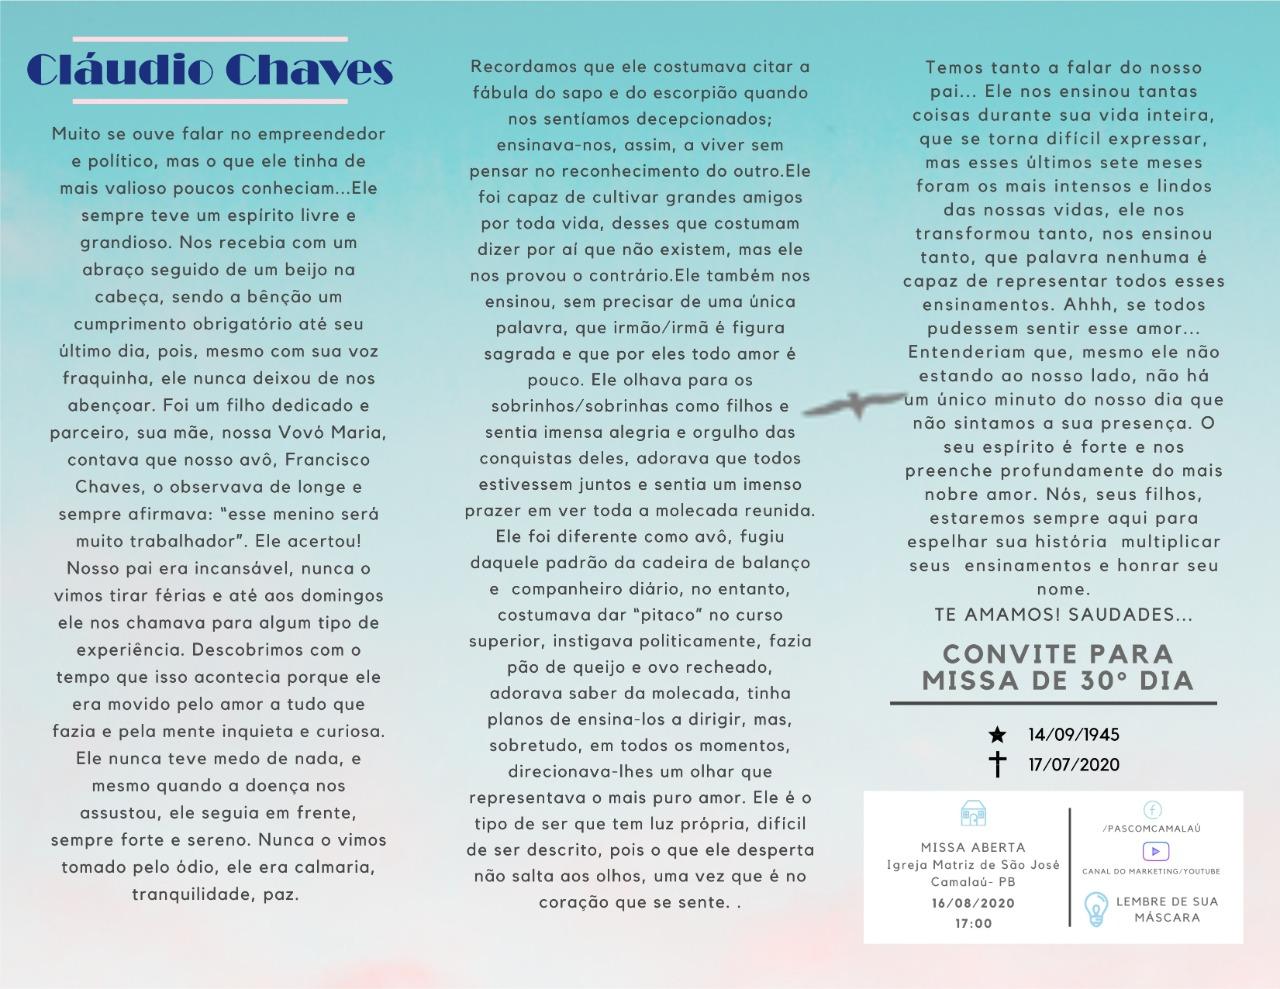 IMG-20200810-WA0267 Convite: Missa de um mês do falecimento de Cláudio Chaves